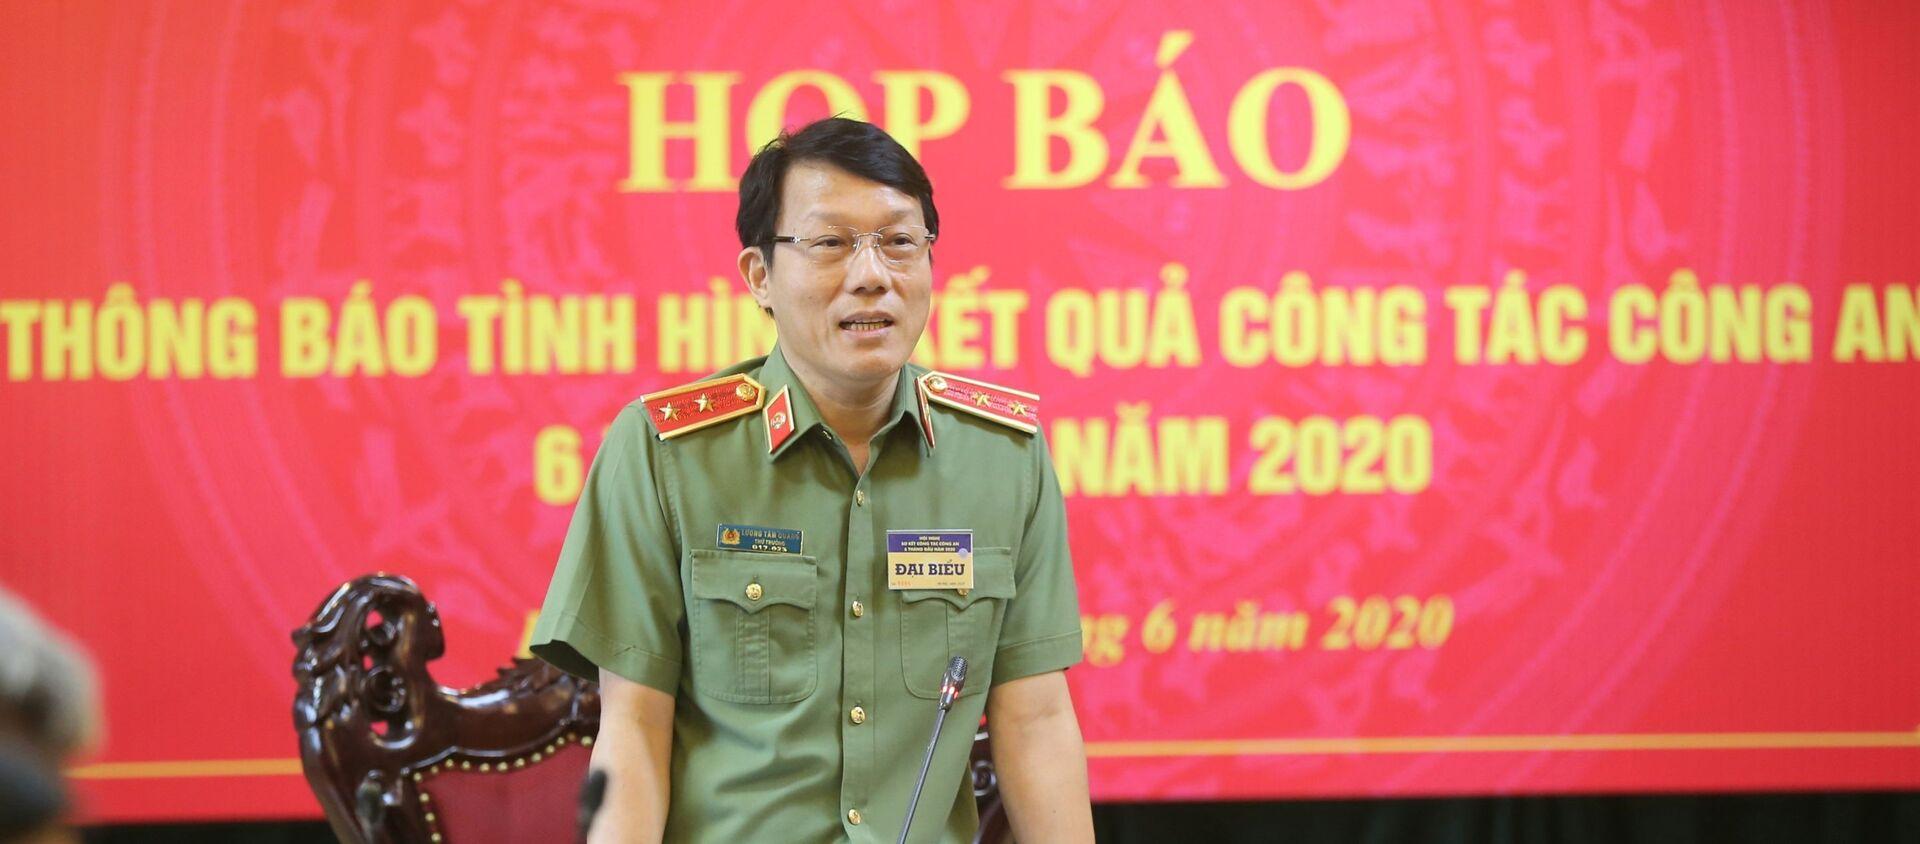 Trung tướng Lương Tam Quang, Thứ trưởng Bộ Công an trả lời các câu hỏi của phóng viên.  - Sputnik Việt Nam, 1920, 26.06.2020